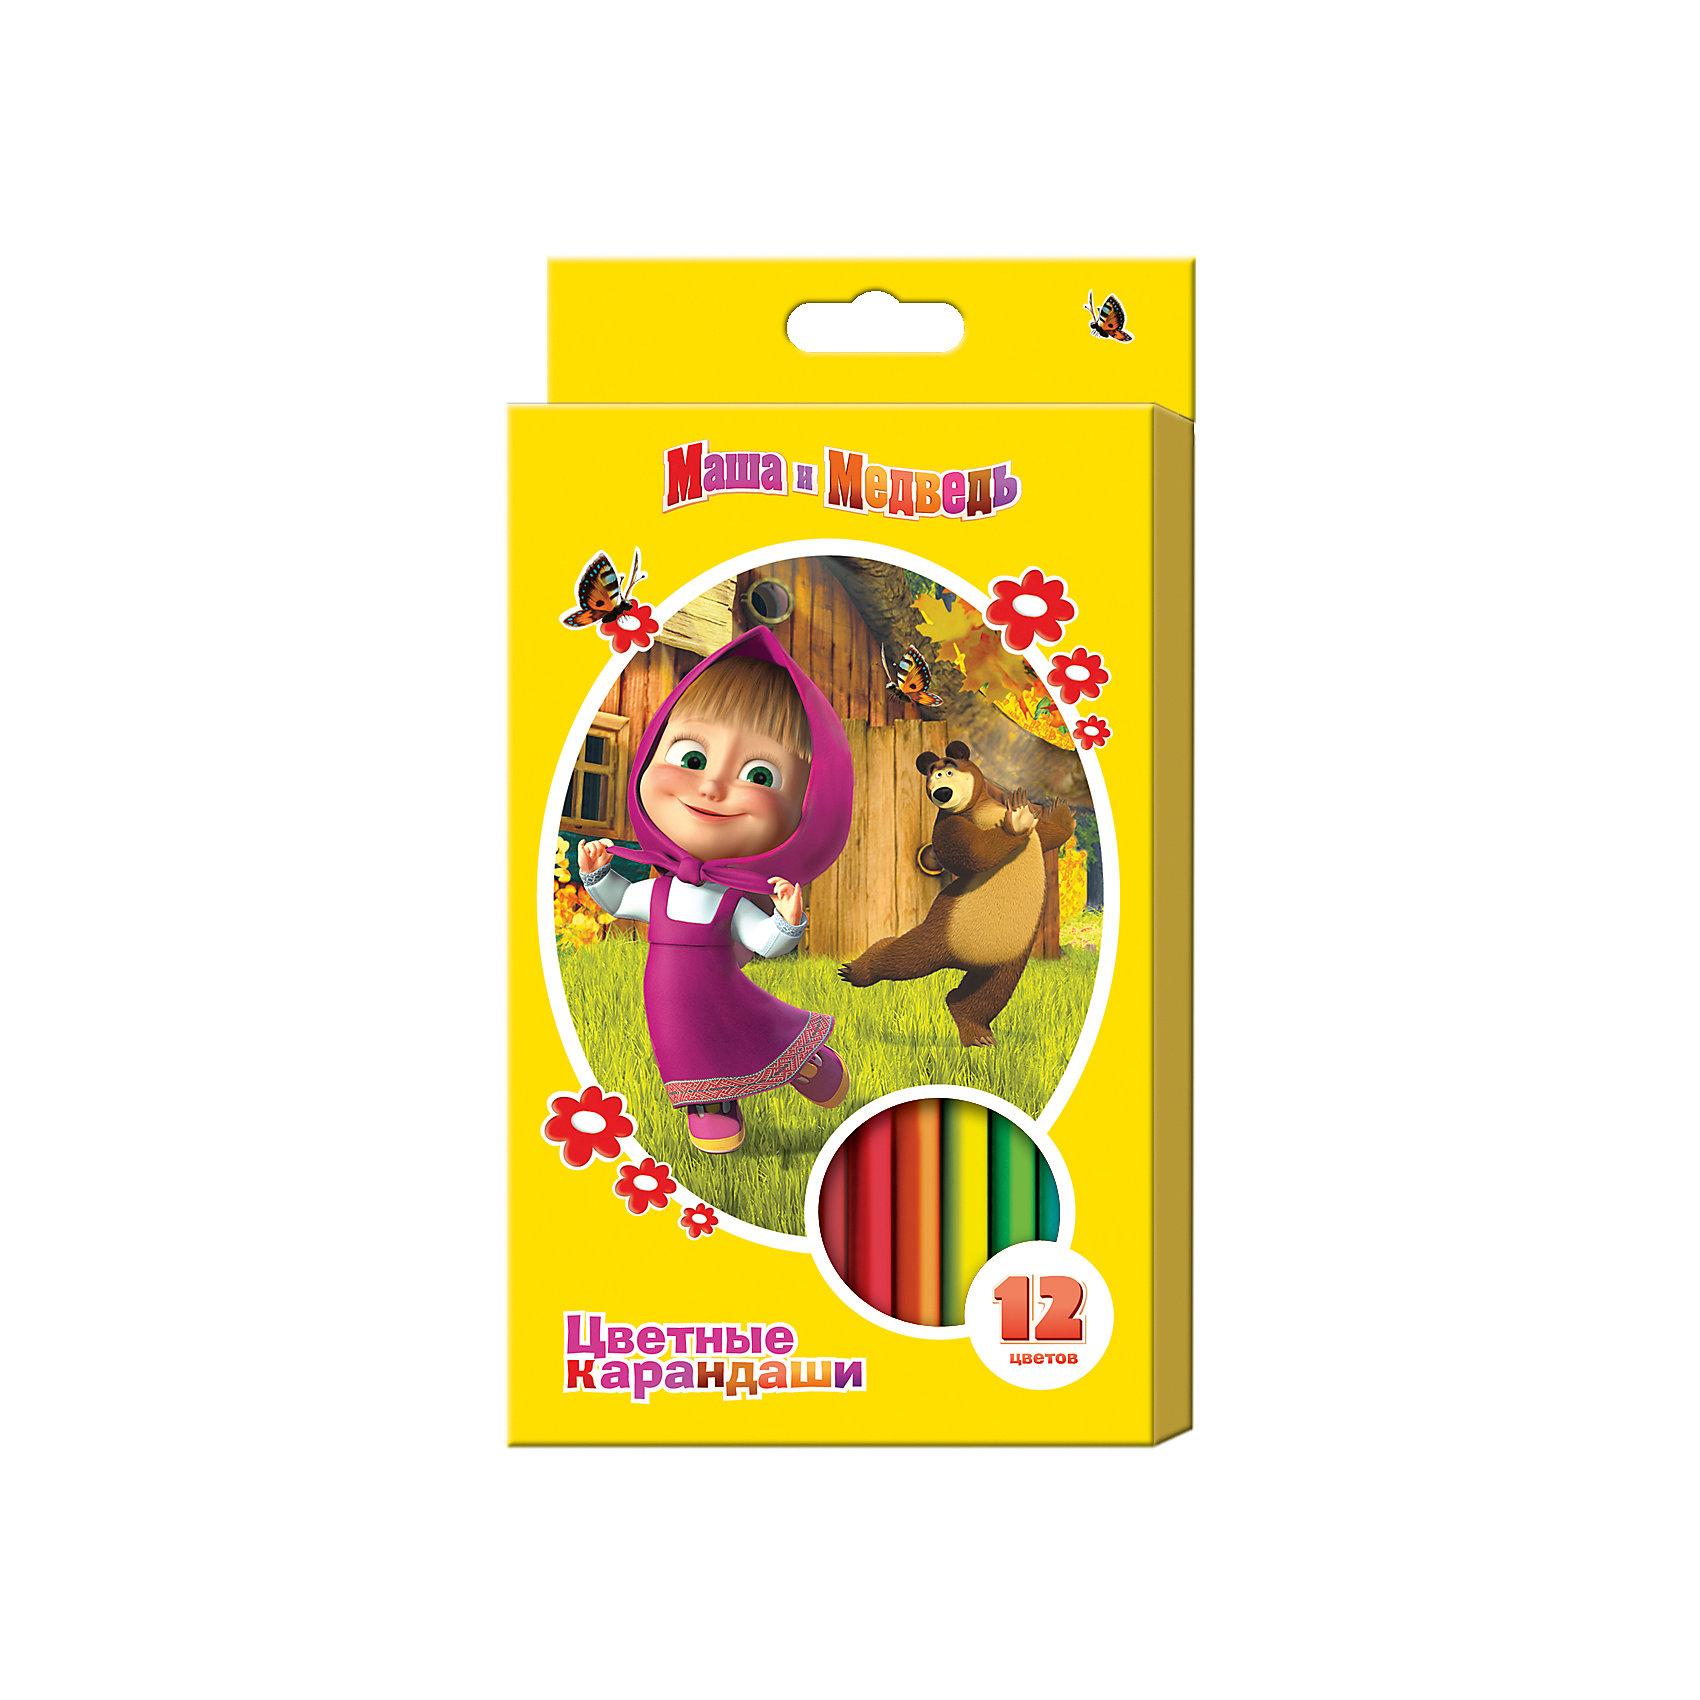 Цветные карандаши, 12 цв., Маша и МедведьМаша и Медведь<br>Цветные карандаши - необходимый инструмент для детского творчества и школьных занятий. Карандаши, Маша и Медведь, идеально подходят для рисования, письма и раскрашивания. Карандаши разработаны специально для малышей: благодаря утолщенному трехгранному<br>корпусу и эргономичной форме, они особенно удобны для детской руки, поэтому ребенок может рисовать без усталости и правильно держать мягкий карандаш. Изготовлены из высококачественной древесины, легко затачиваются, имеют прочный грифель, который не ломается при<br>заточке. Набор из 12 карандашей оформлен в желтую картонную коробку с изображением любимых героев из популярного мультсериала Маша и Медведь.<br><br><br>Дополнительная информация:<br><br>- В комплекте: 12 карандашей.<br>- Материал: дерево, грифель.<br>- Размер одного карандаша: 17,5 х 1,1 см.<br>- Размер упаковки: 21 х 1 х 11,5 см.<br>- Вес: 148 гр.<br><br>Цветные карандаши, 12 цв., Маша и Медведь, можно купить в нашем интернет-магазине.<br><br>Ширина мм: 210<br>Глубина мм: 110<br>Высота мм: 10<br>Вес г: 148<br>Возраст от месяцев: 36<br>Возраст до месяцев: 120<br>Пол: Унисекс<br>Возраст: Детский<br>SKU: 4774829